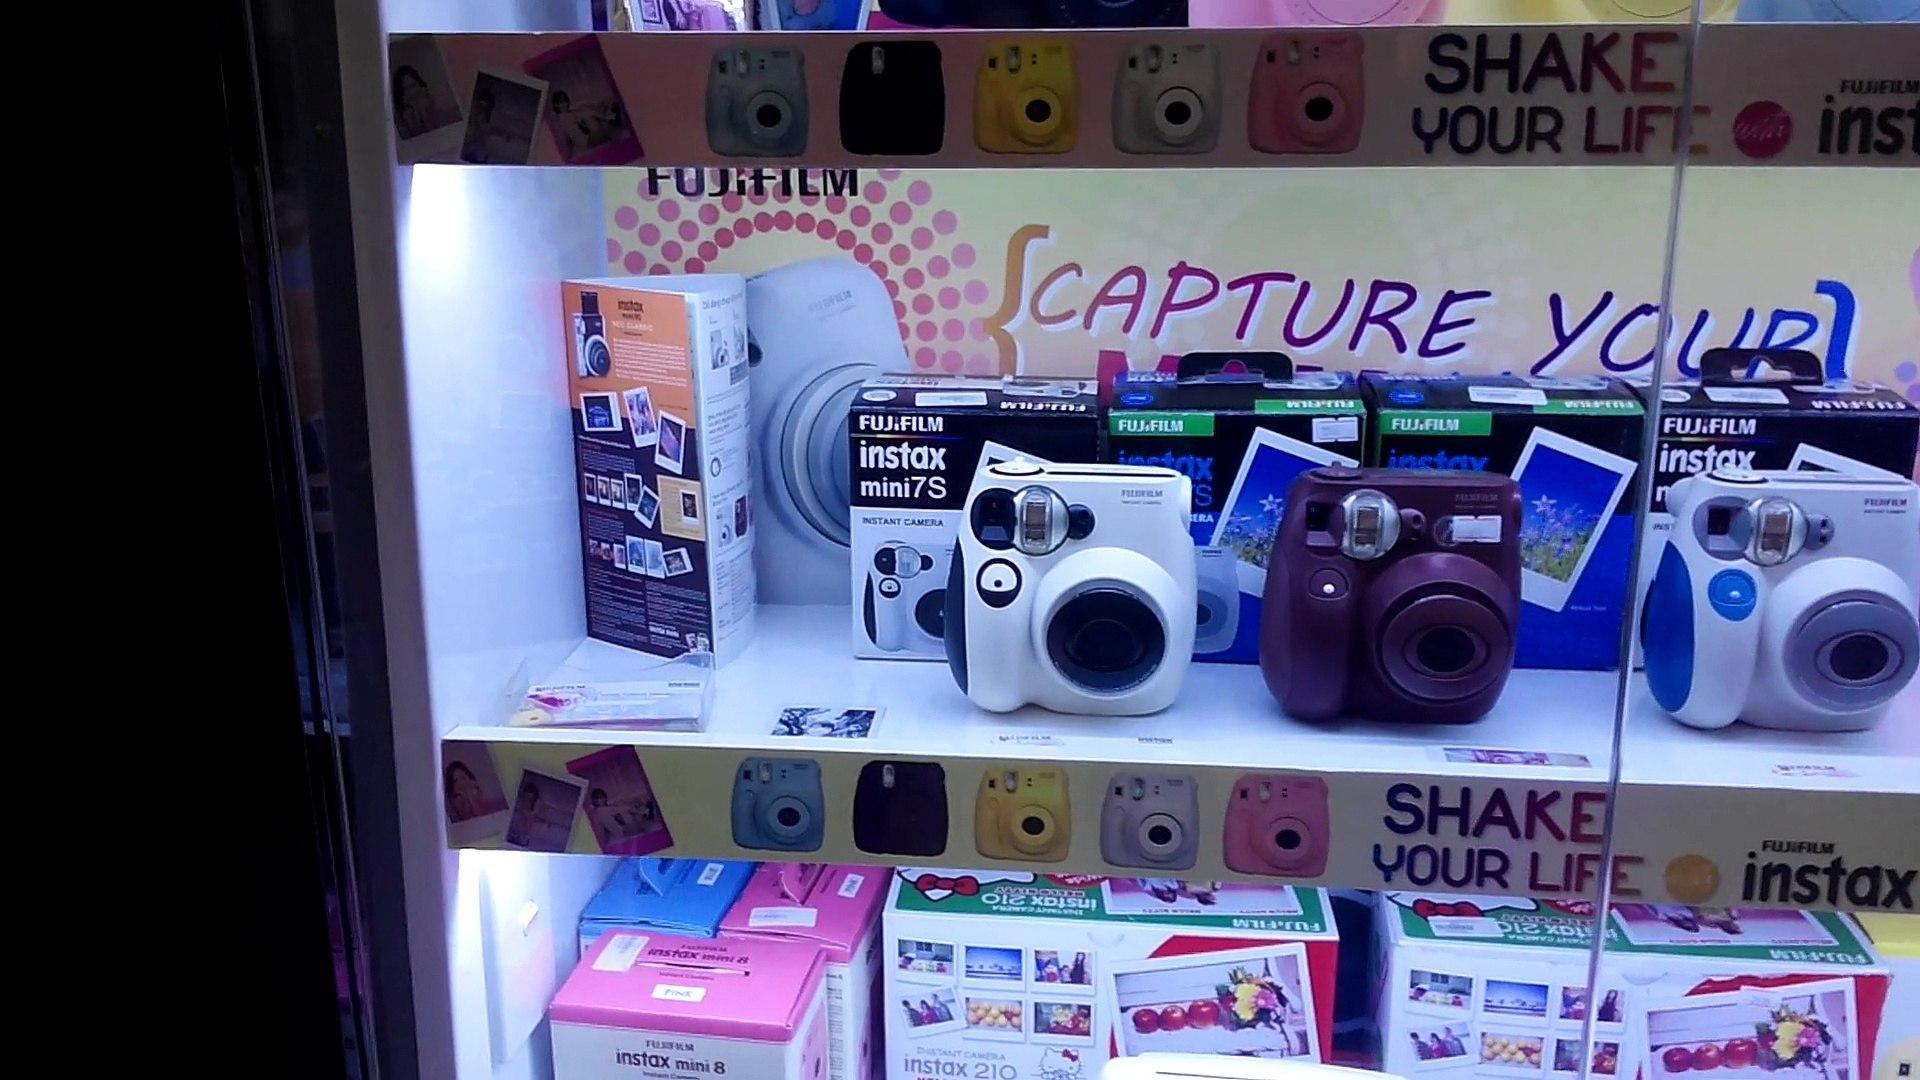 Đại lý bán buôn Máy ảnh Fujifilm instax chụp lấy liền chính hãng ở Hà Nội, Phân phối Máy ảnh chụp lấ